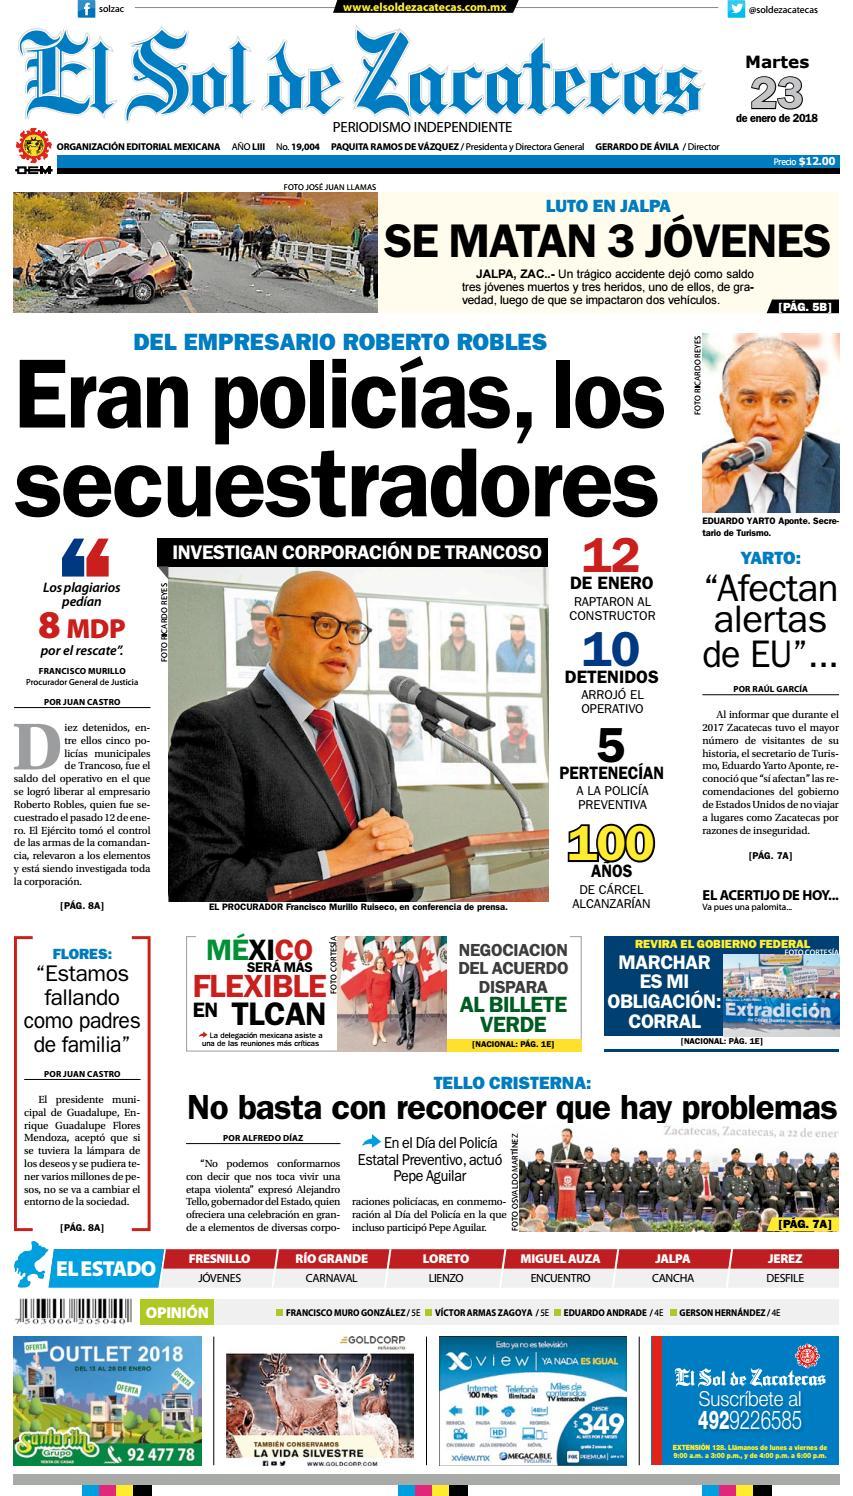 f5e2f06dbfff5 El Sol de Zacatecas 23 de enero 2018 by El Sol de Zacatecas - issuu